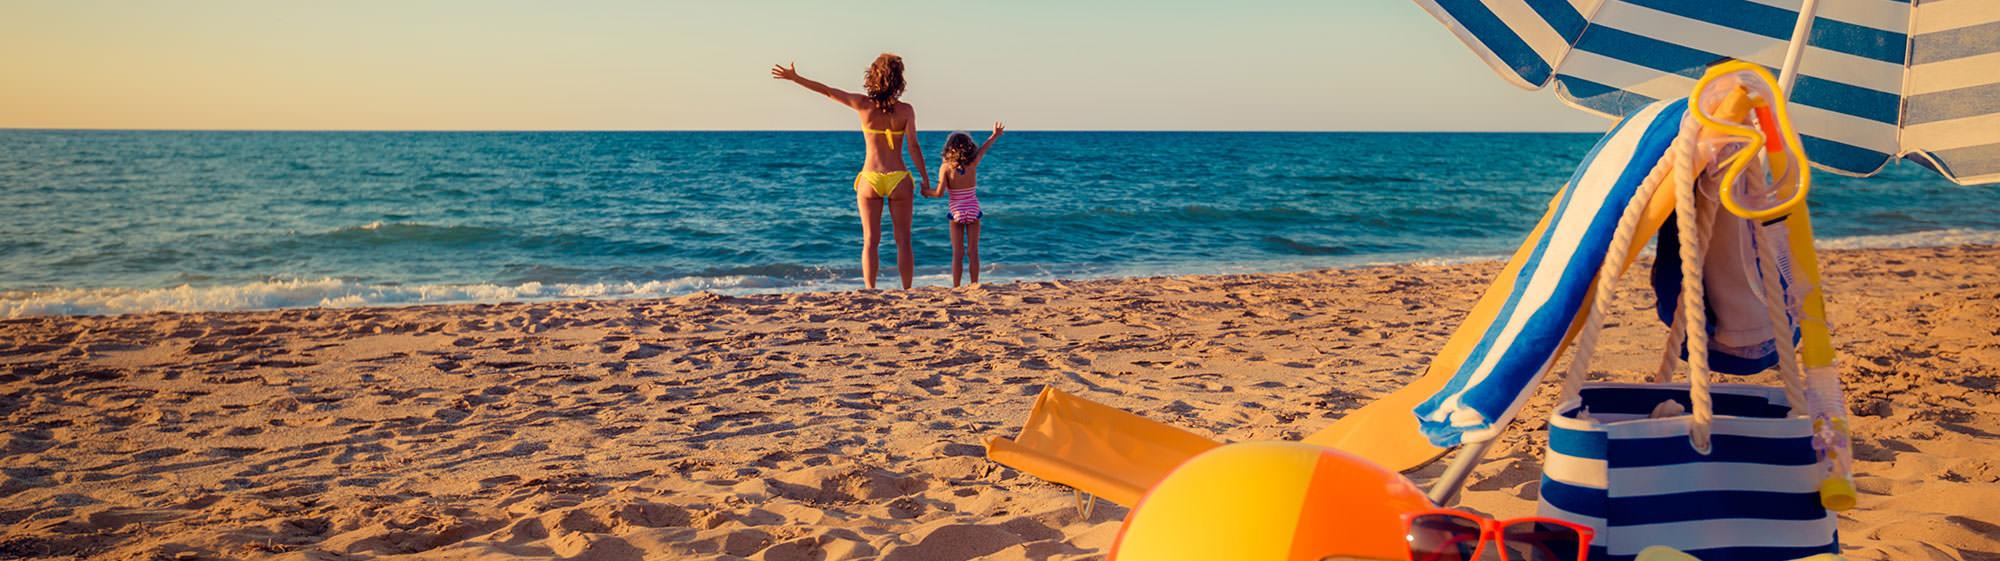 Beach Equipment Rentals Anna Maria Island